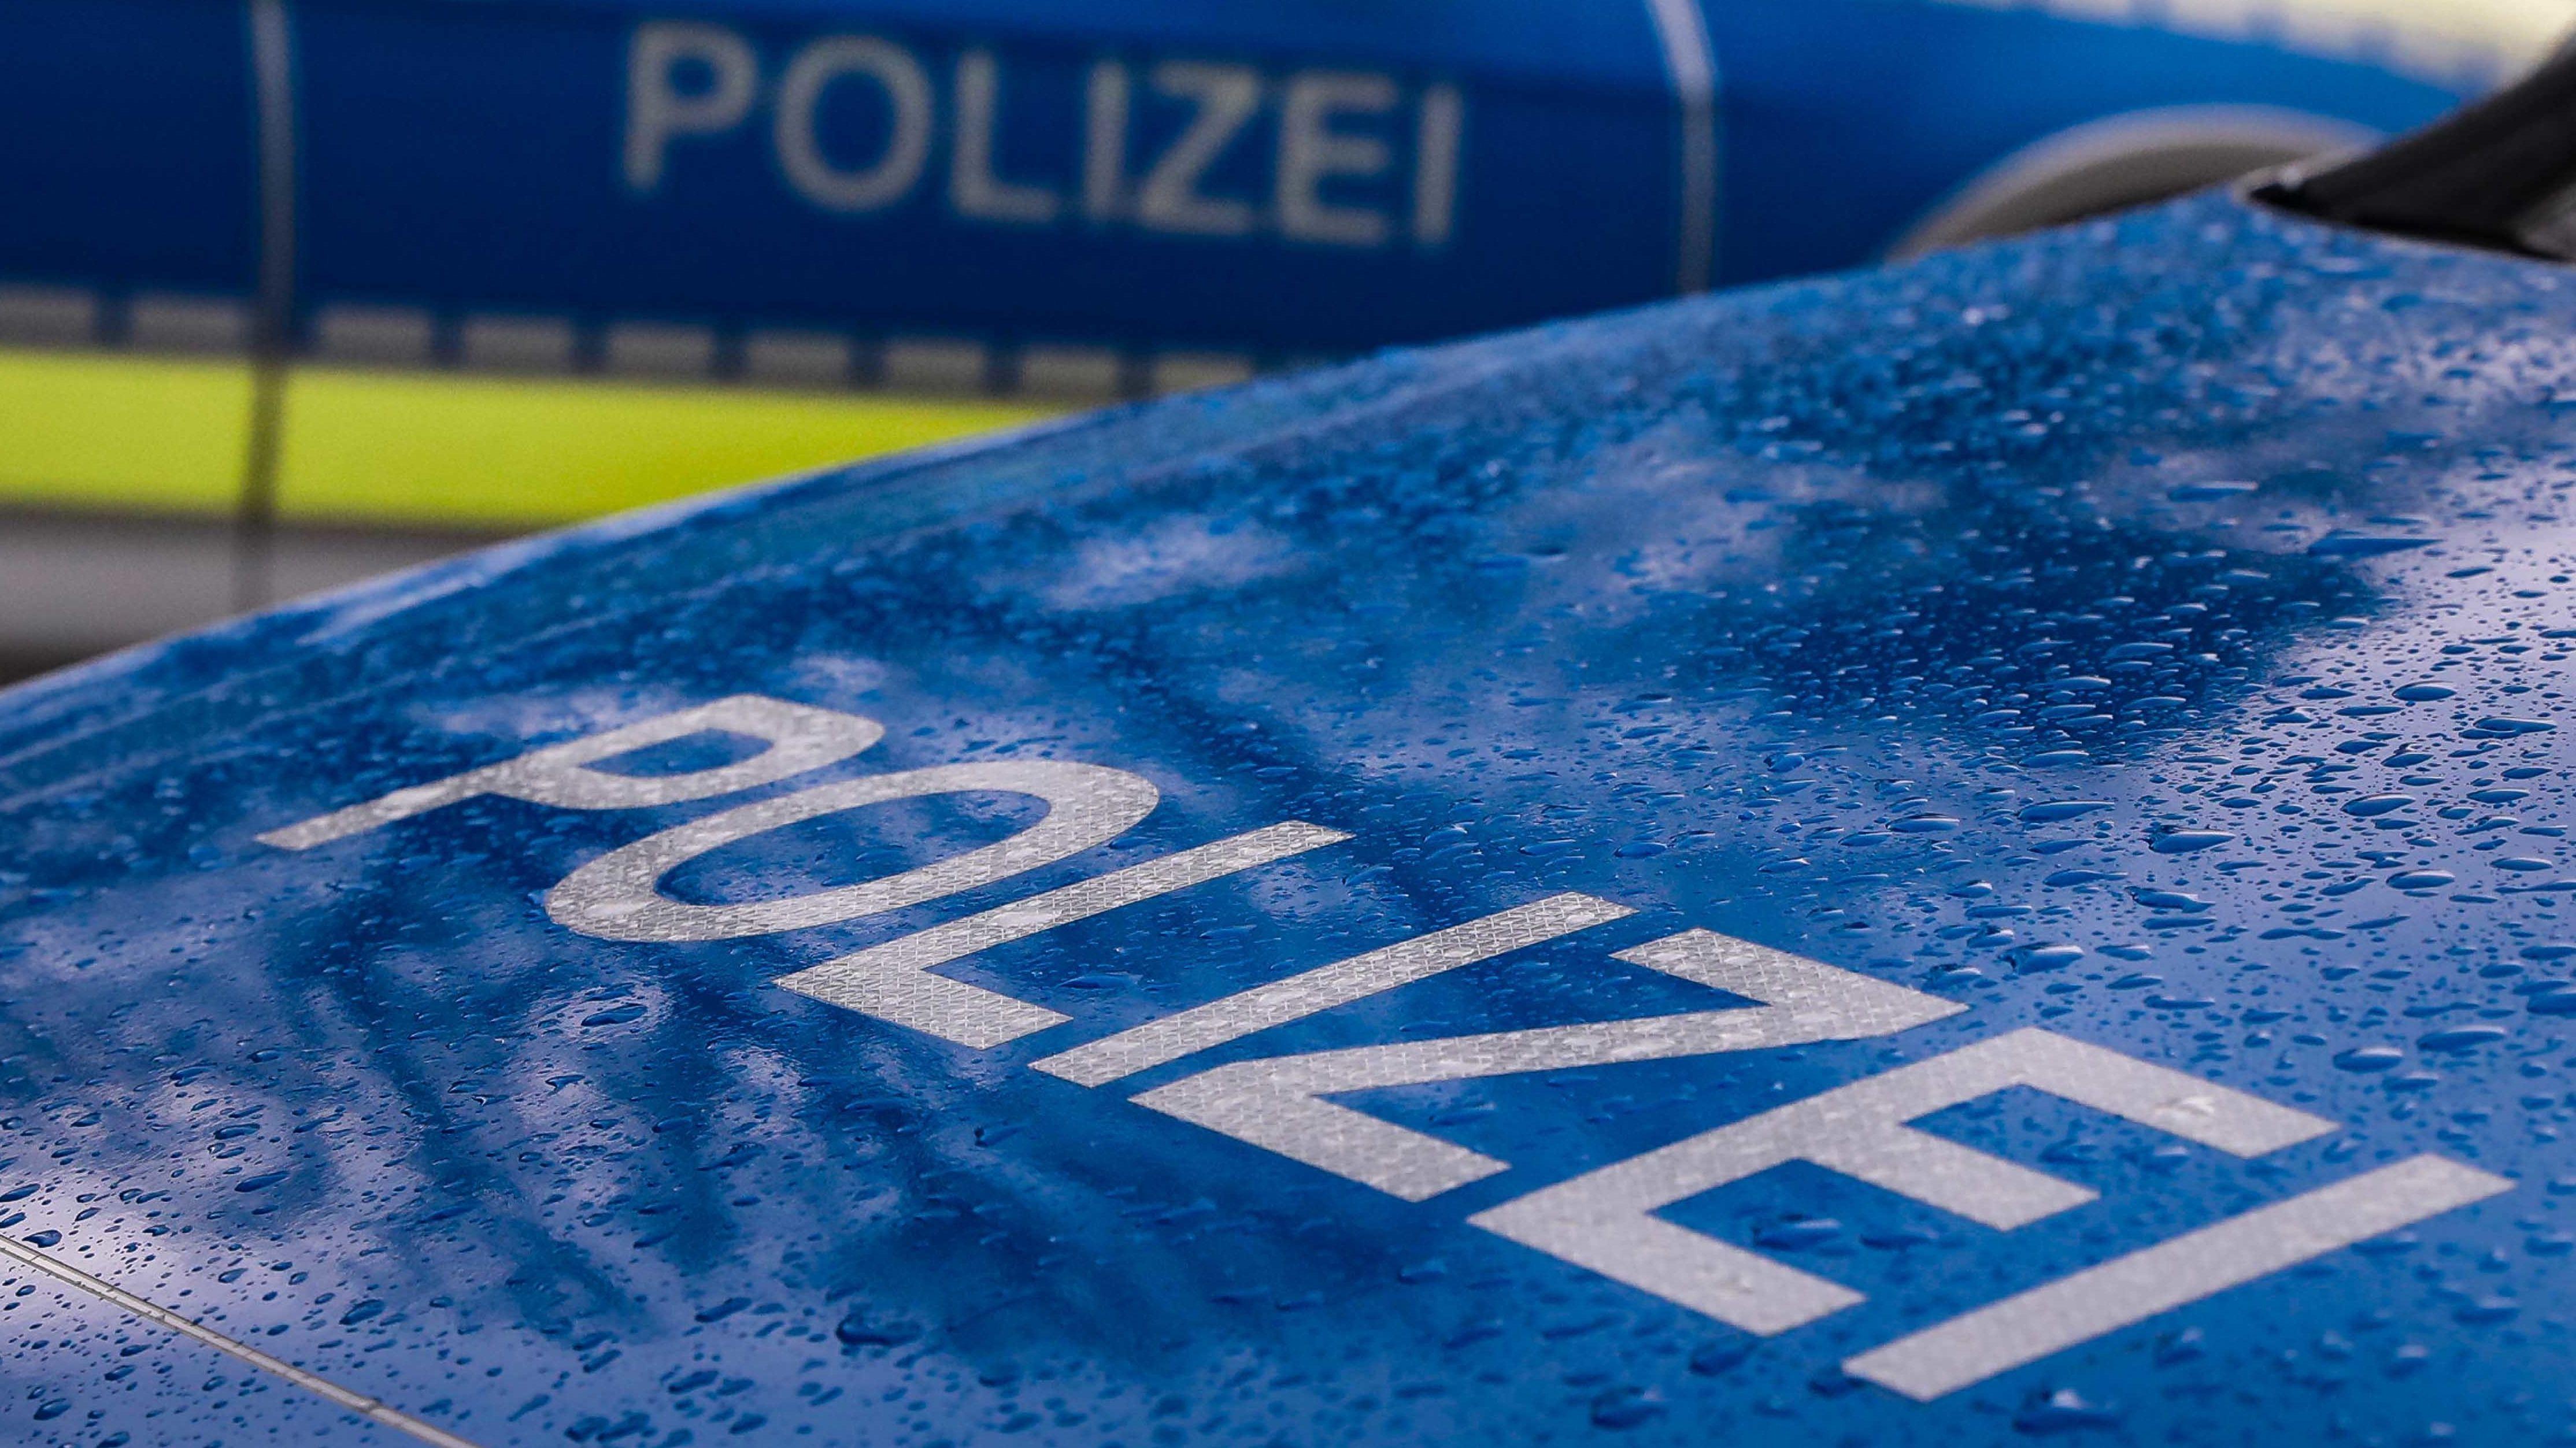 Zwei Polizeiwagen im Regen (Symbolbild)